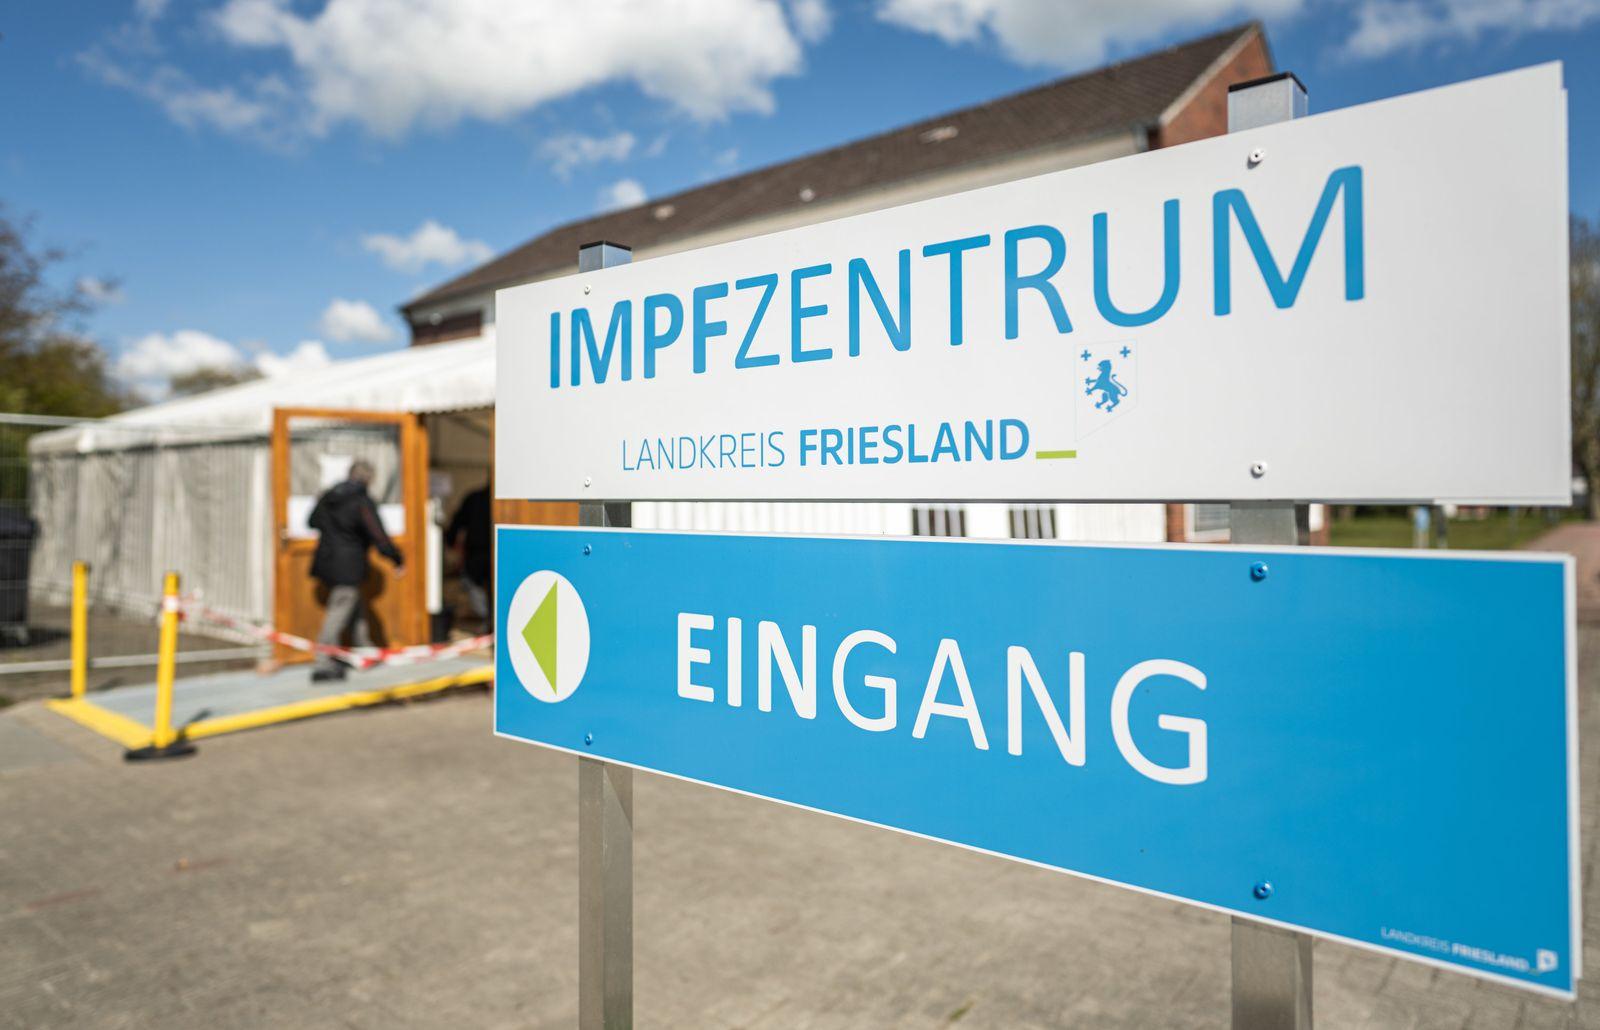 Impfzentrum Friesland: Kochsalzlösung anstatt Biontech